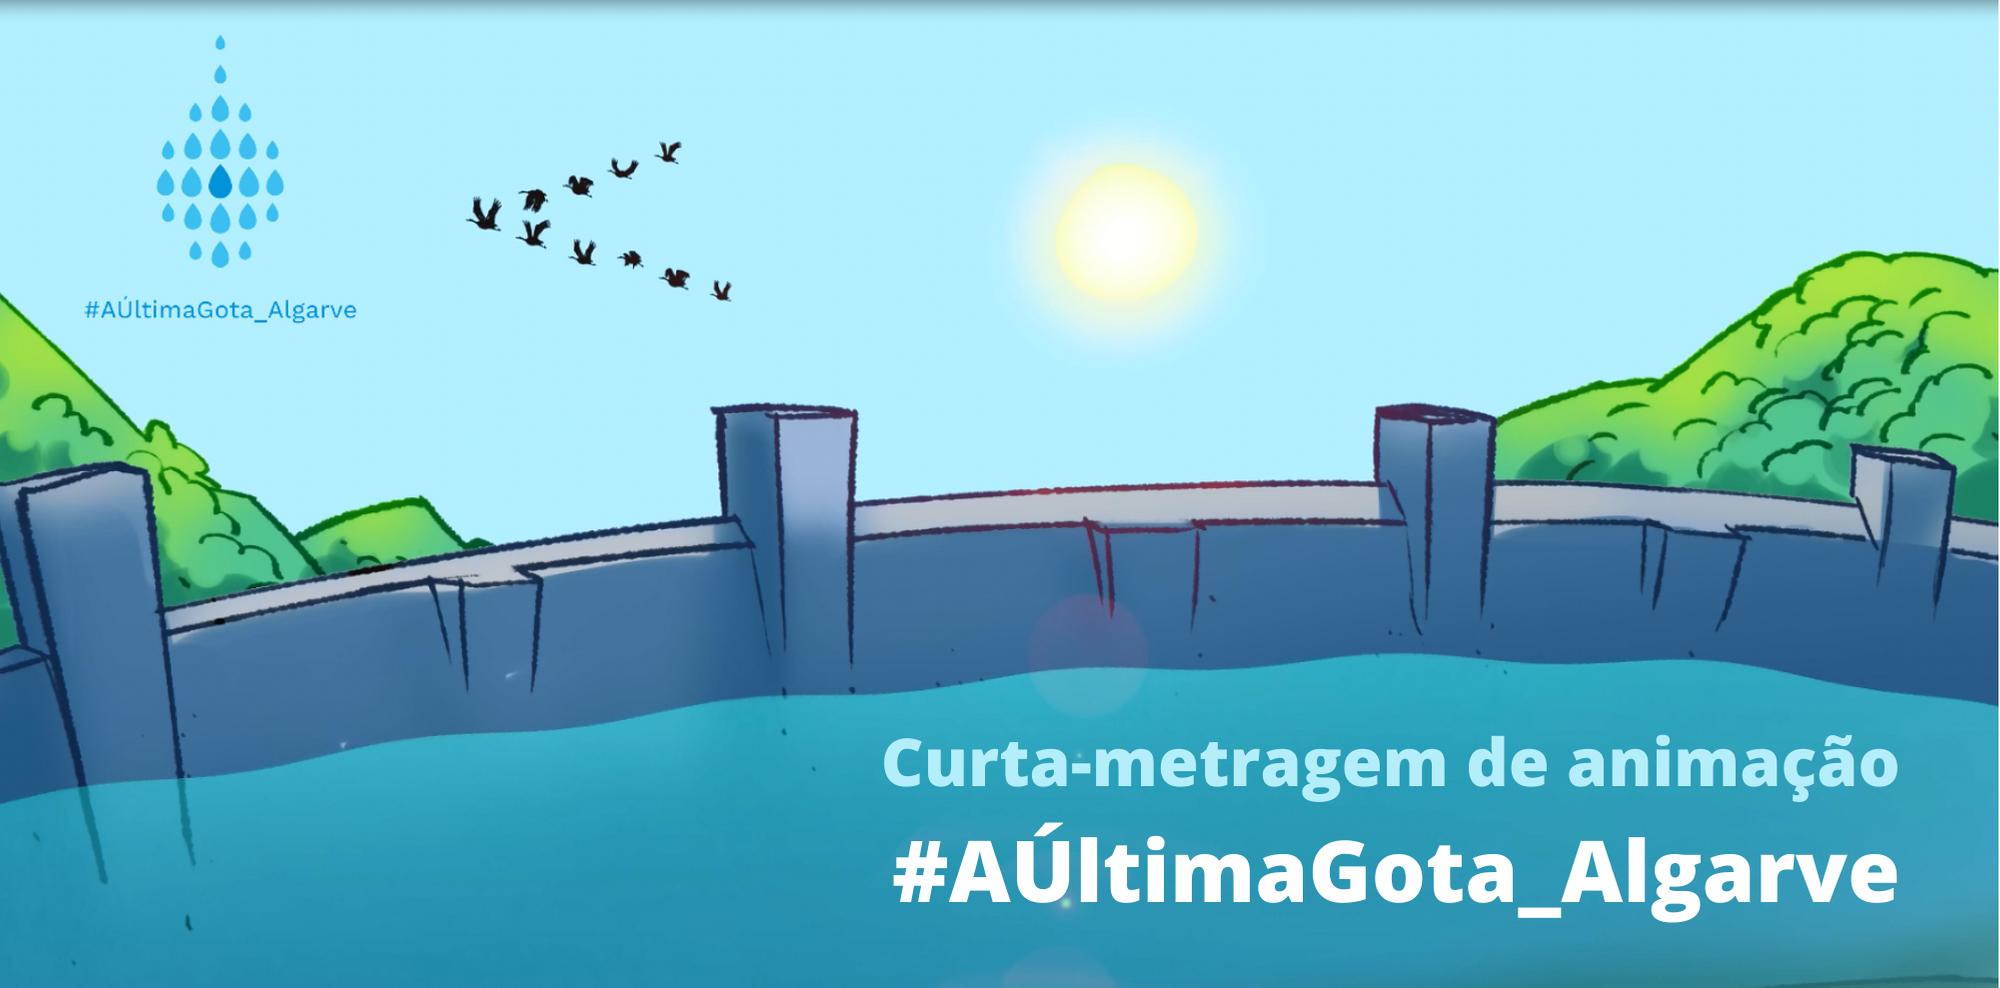 Curta-metragem de animação #AÚltimaGota_Algarve